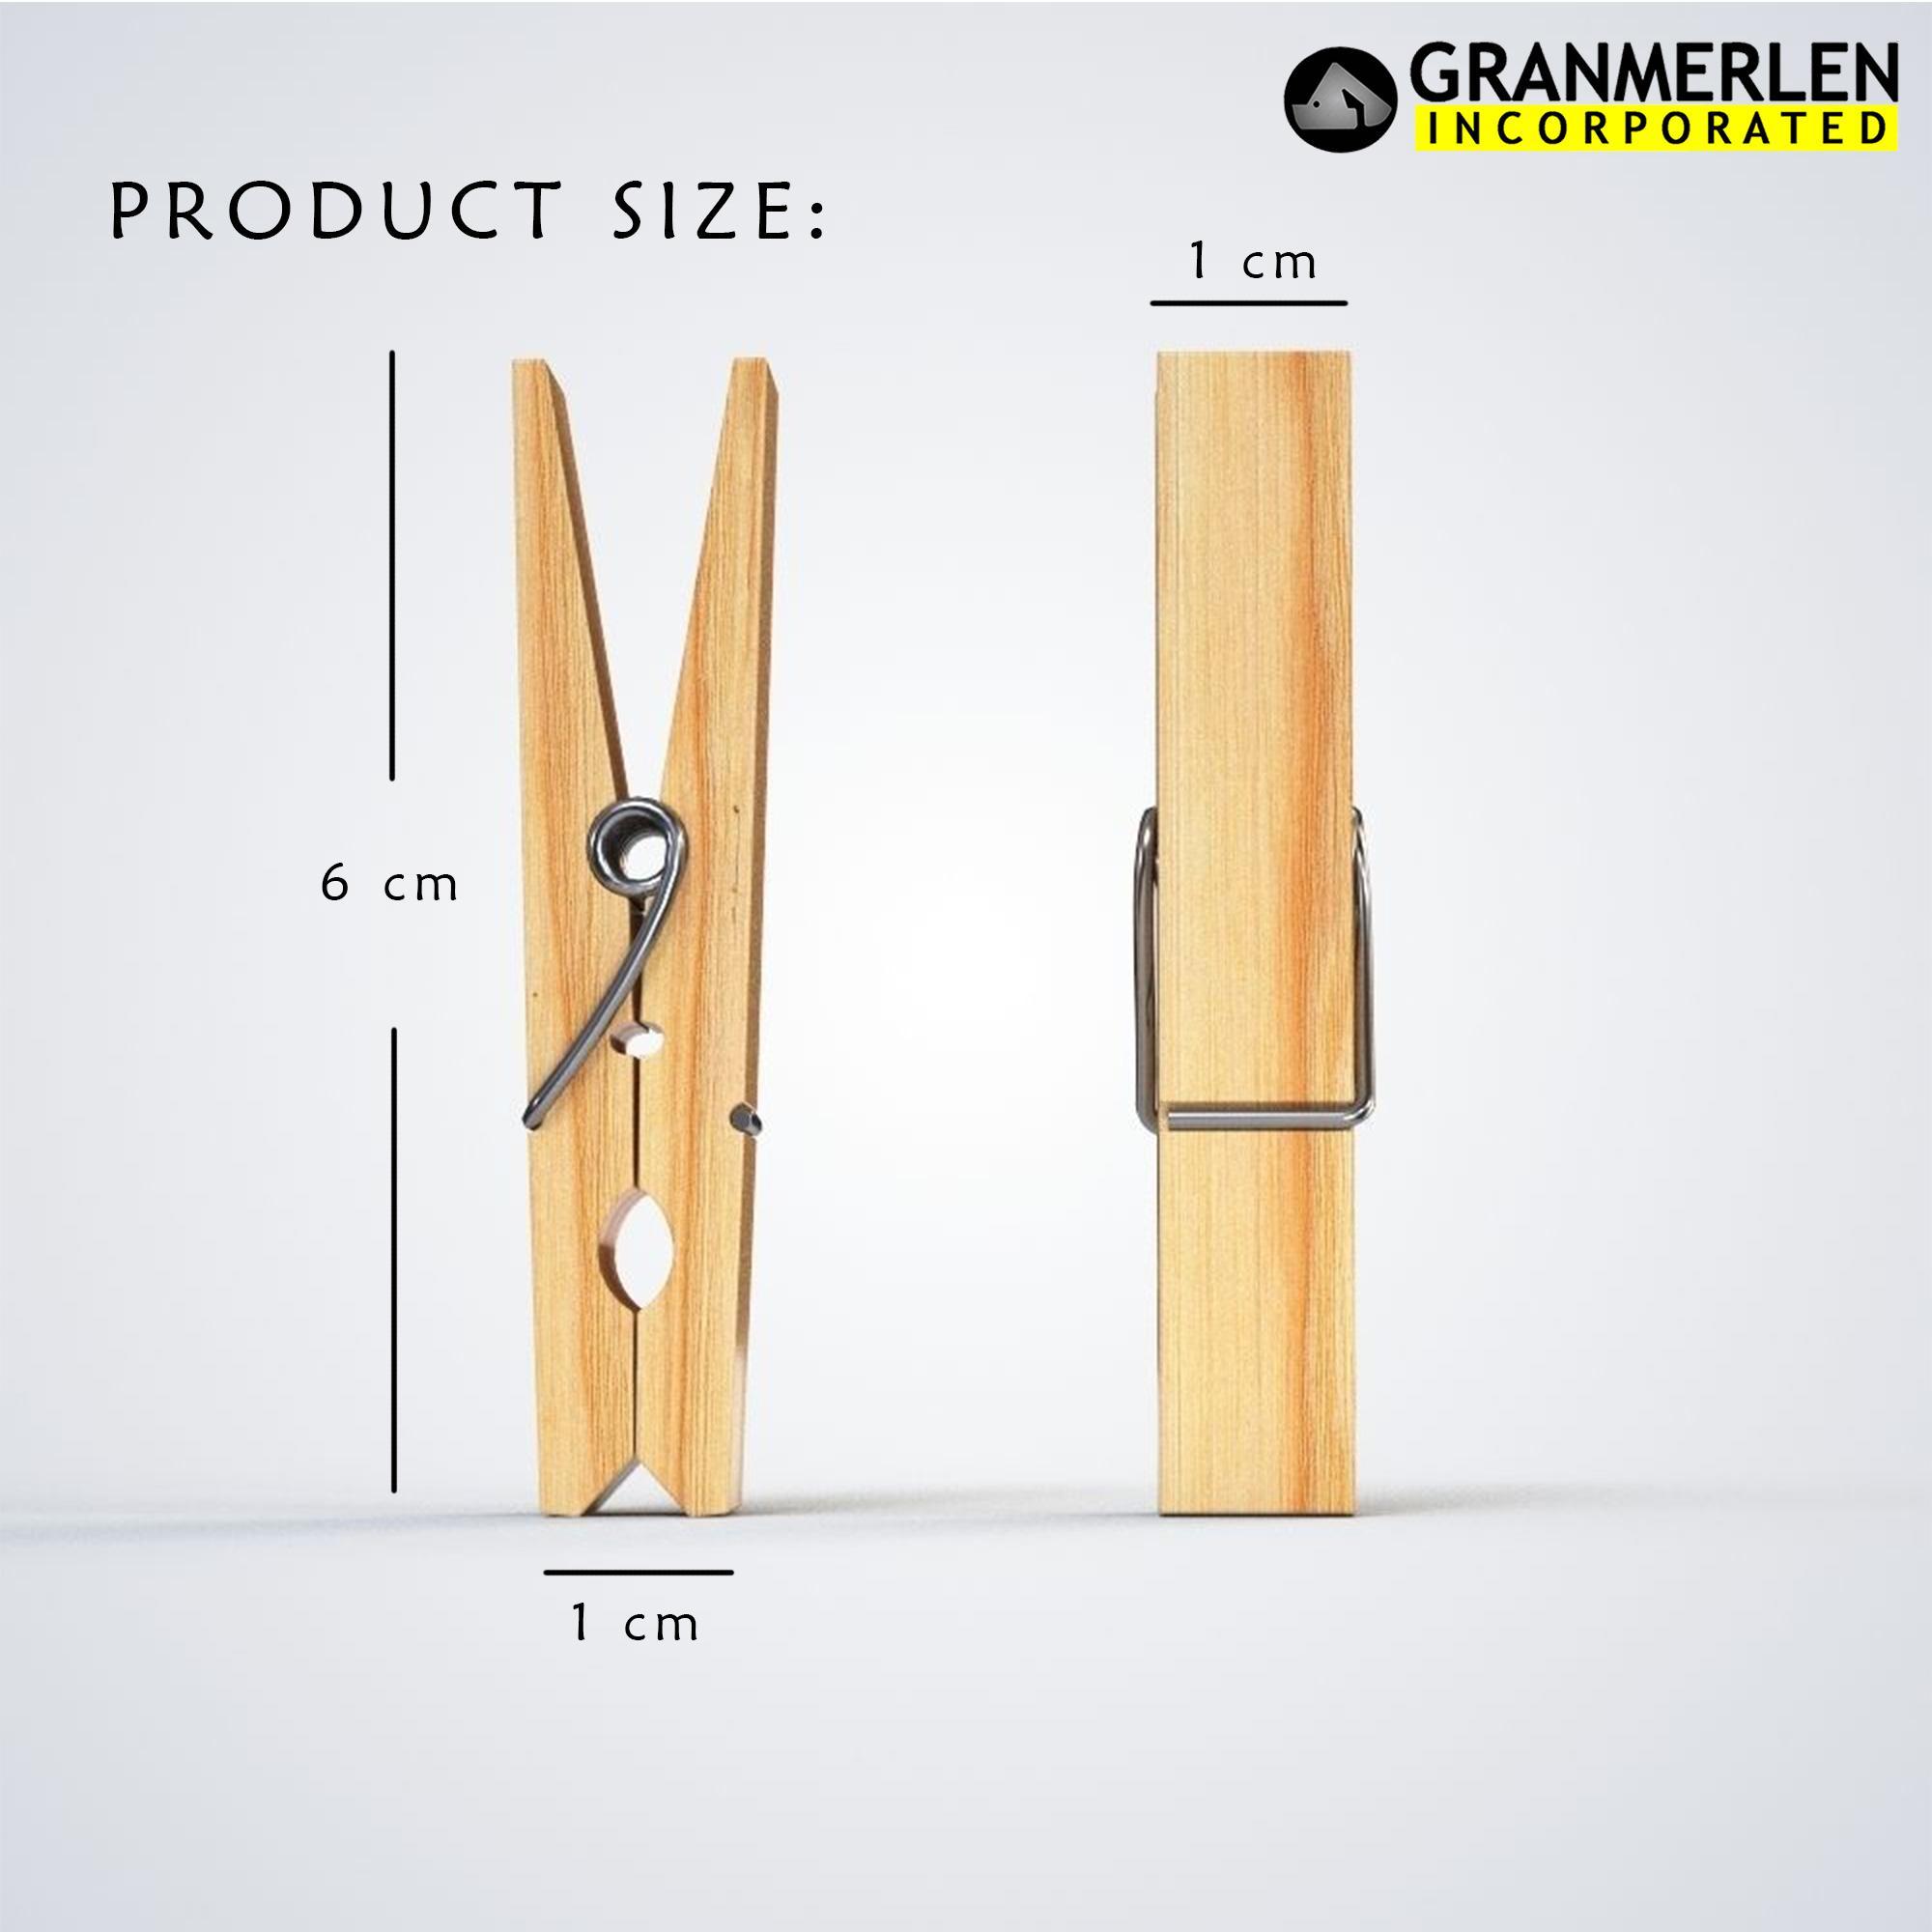 20 Piece Wooden Clothes Clip Clothes Pin